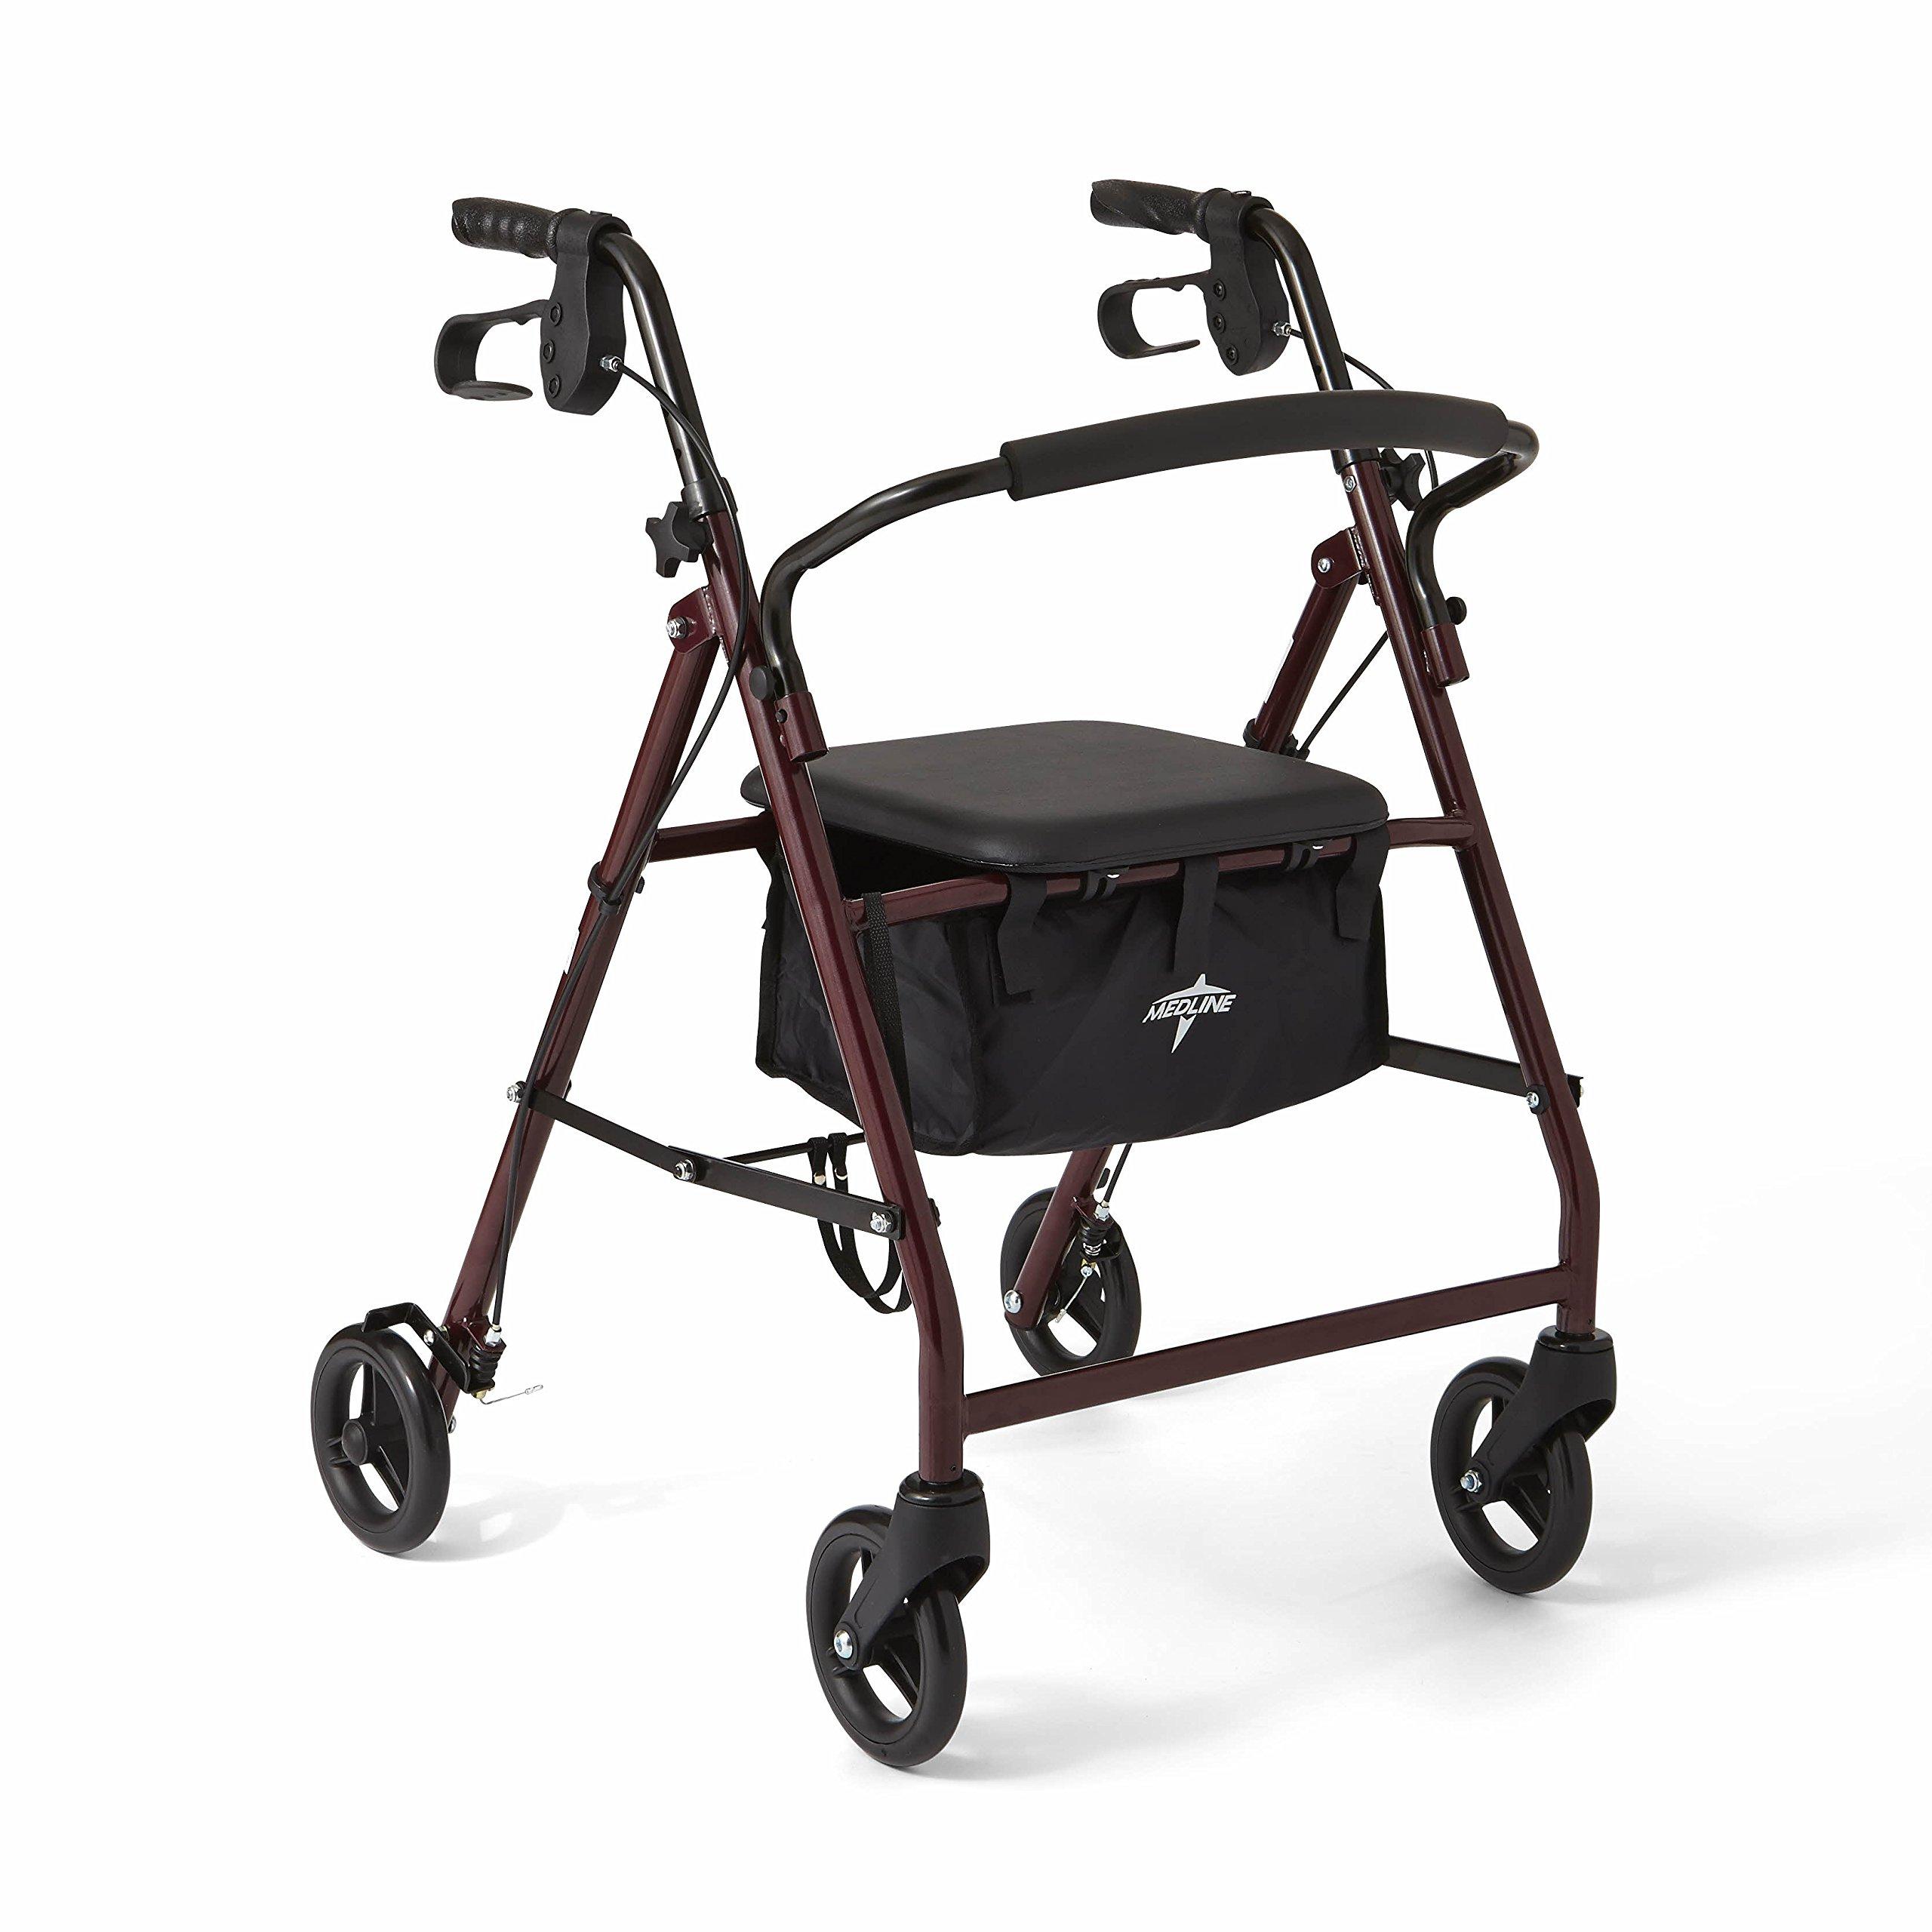 Medline Steel Foldable Adult Rollator Mobility Walker with 6'' Wheels, Burgundy by Medline